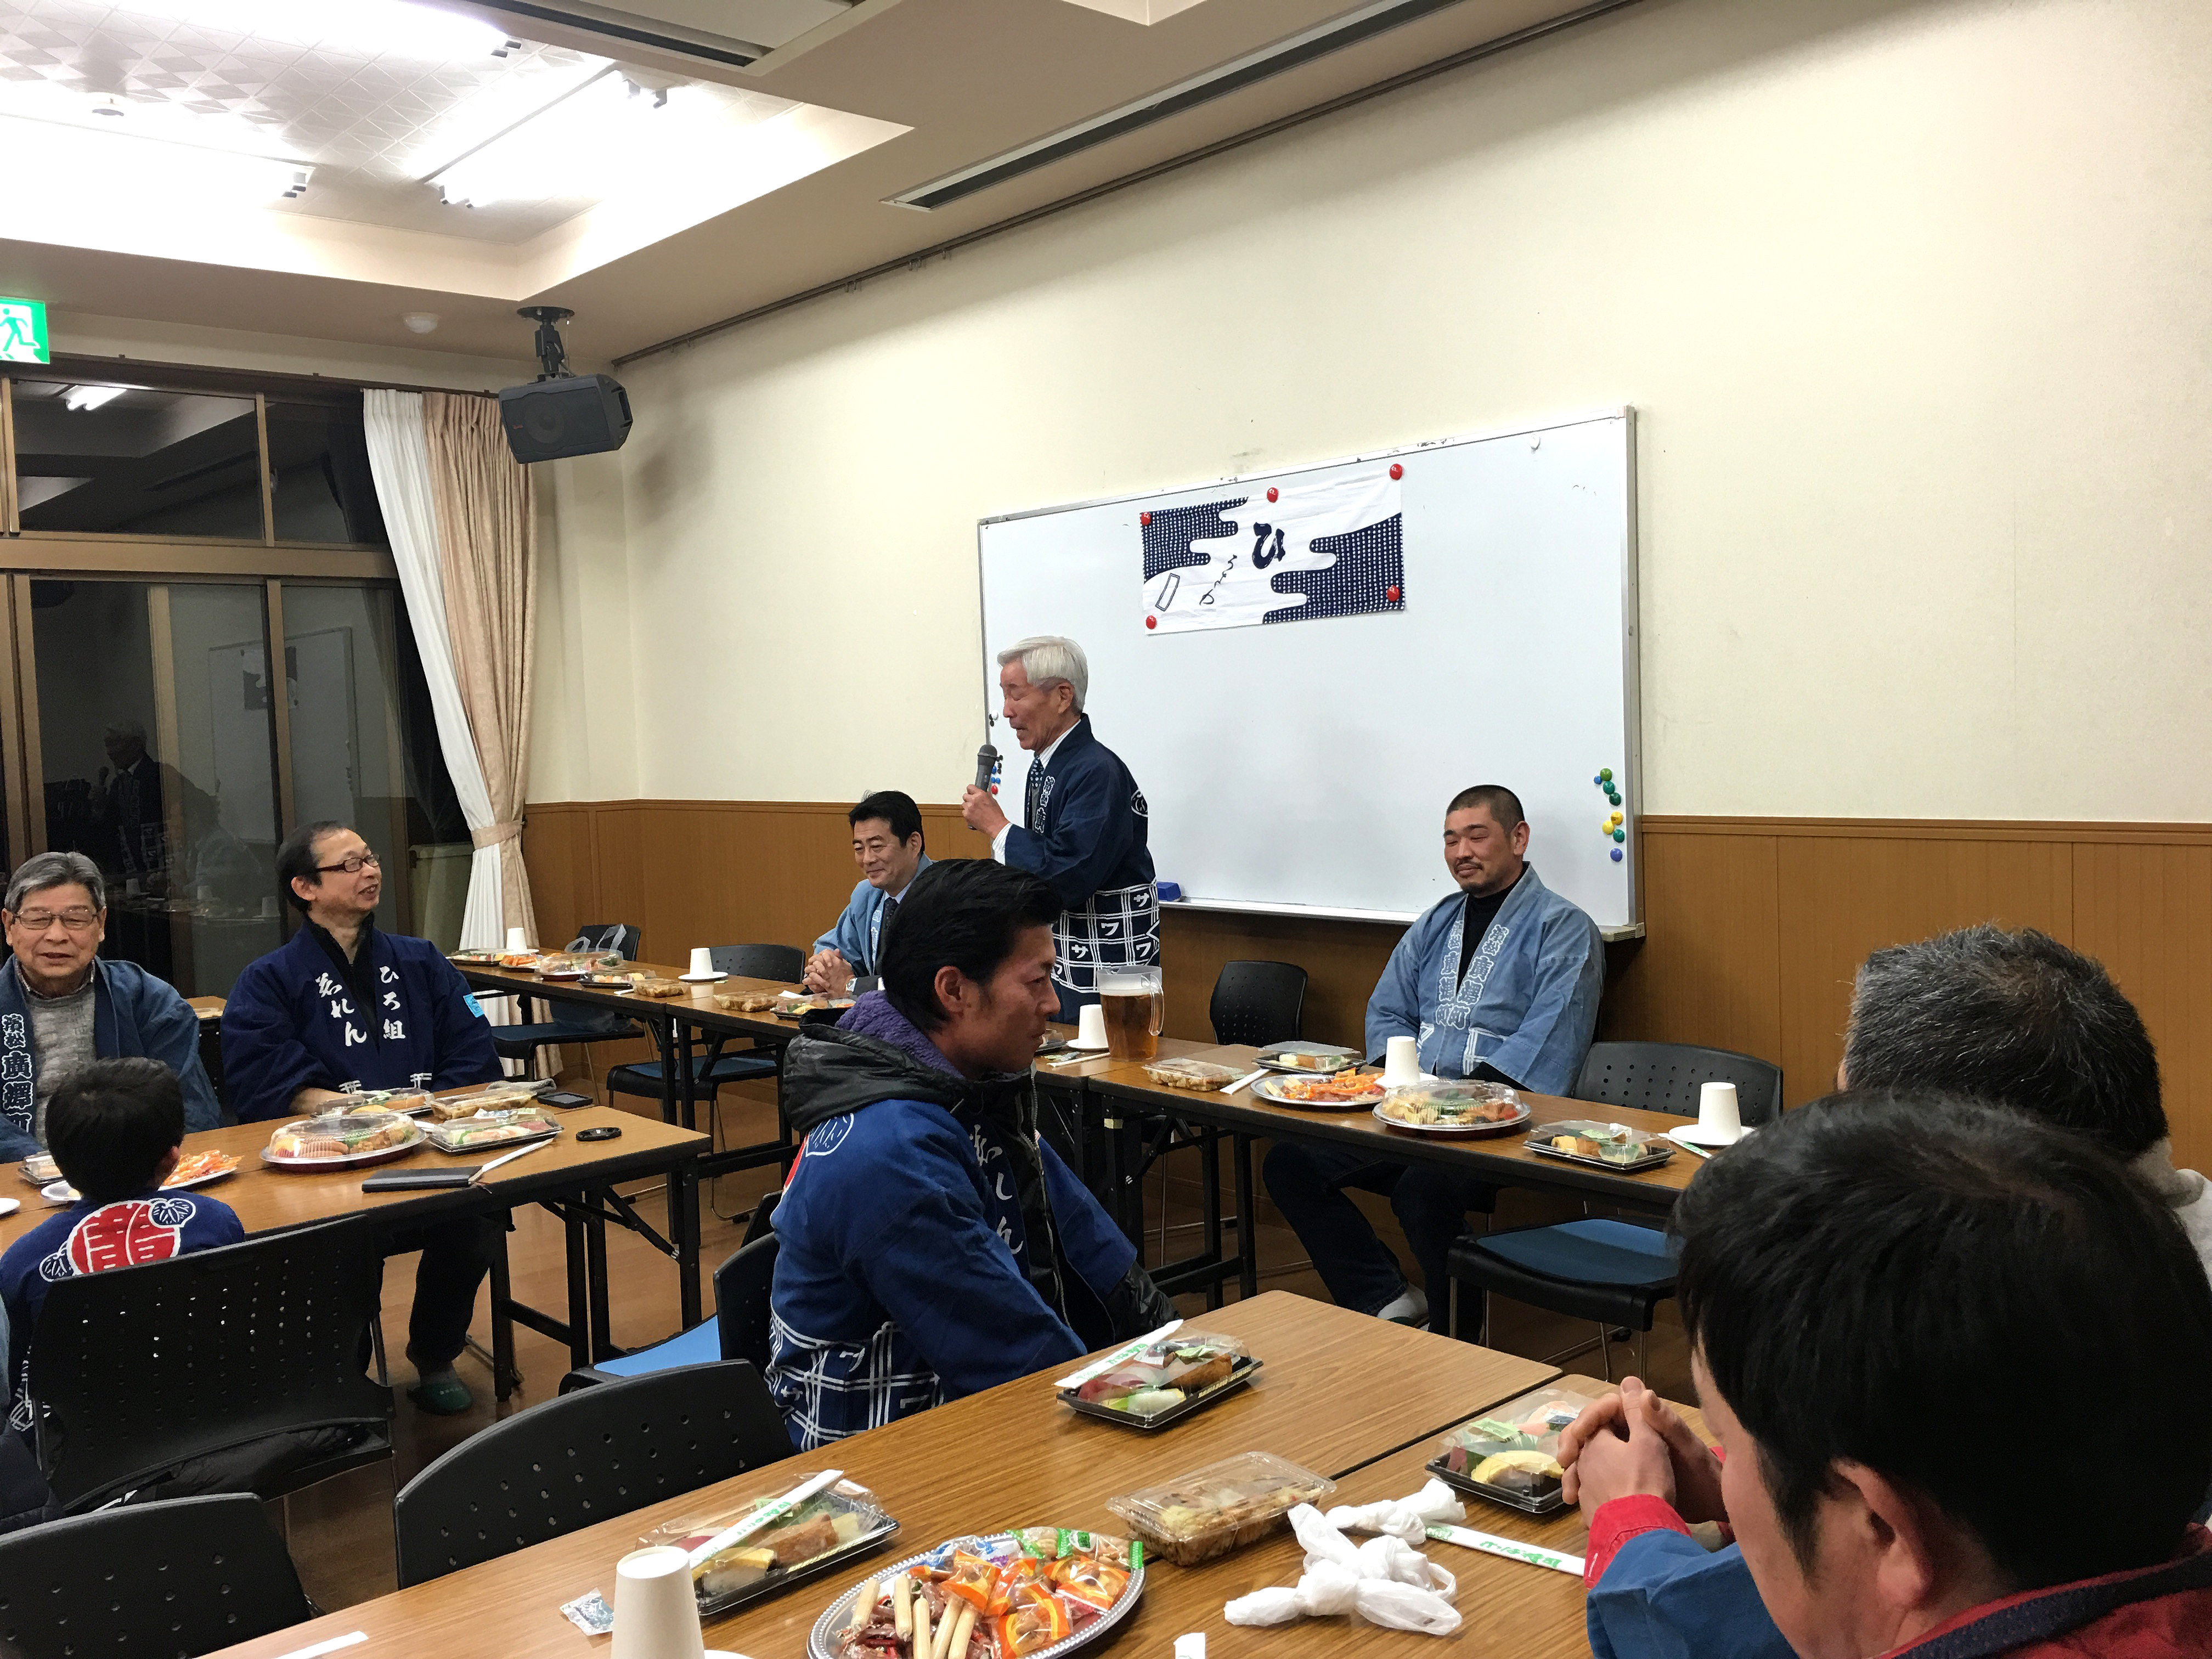 平成28年度広沢町凧揚会ひ組発会式 自治会長挨拶